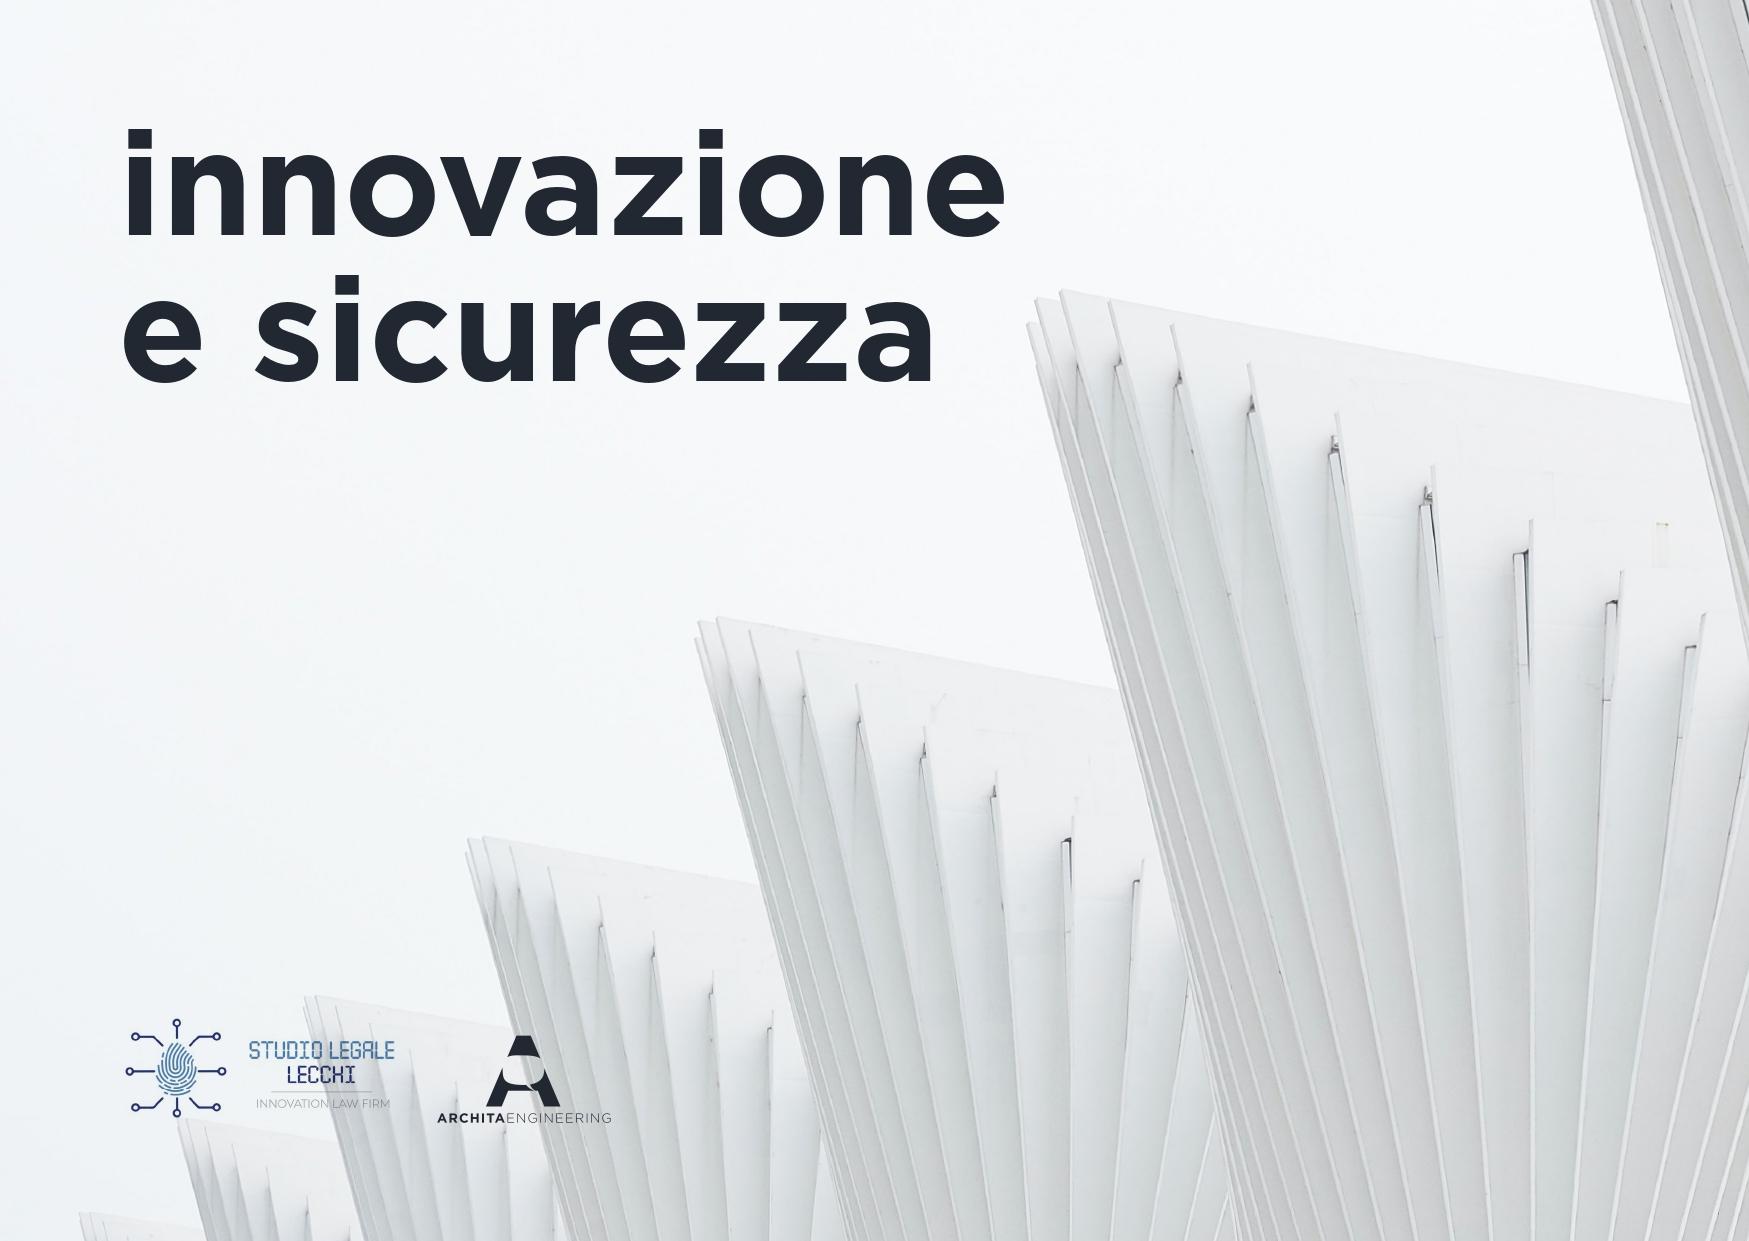 innovazione e sicurezza